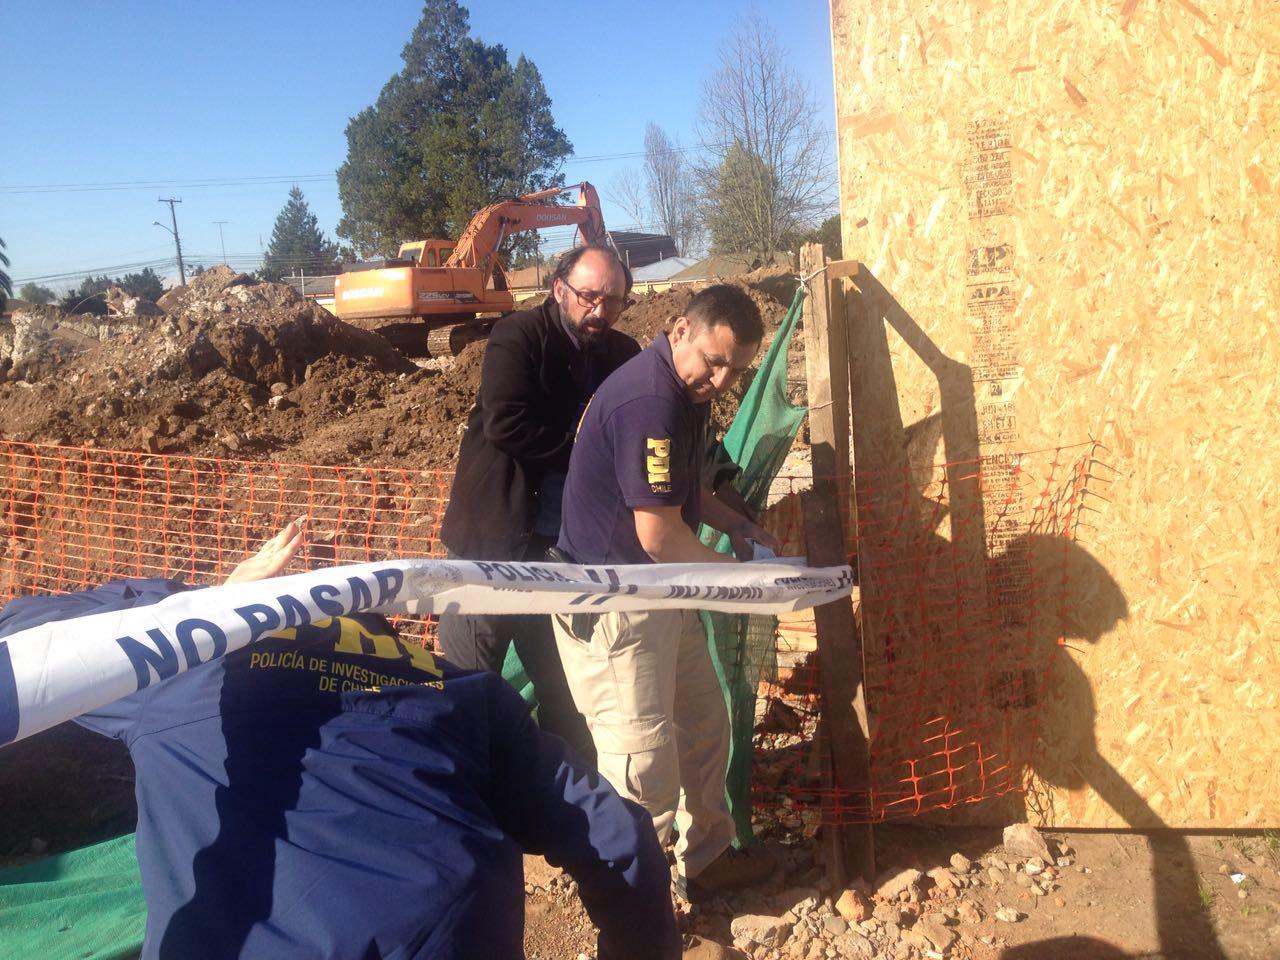 Espectacion de organizaciones de DDHH por restos óseos encontrados al interior de comisaría de Carabineros en Parral